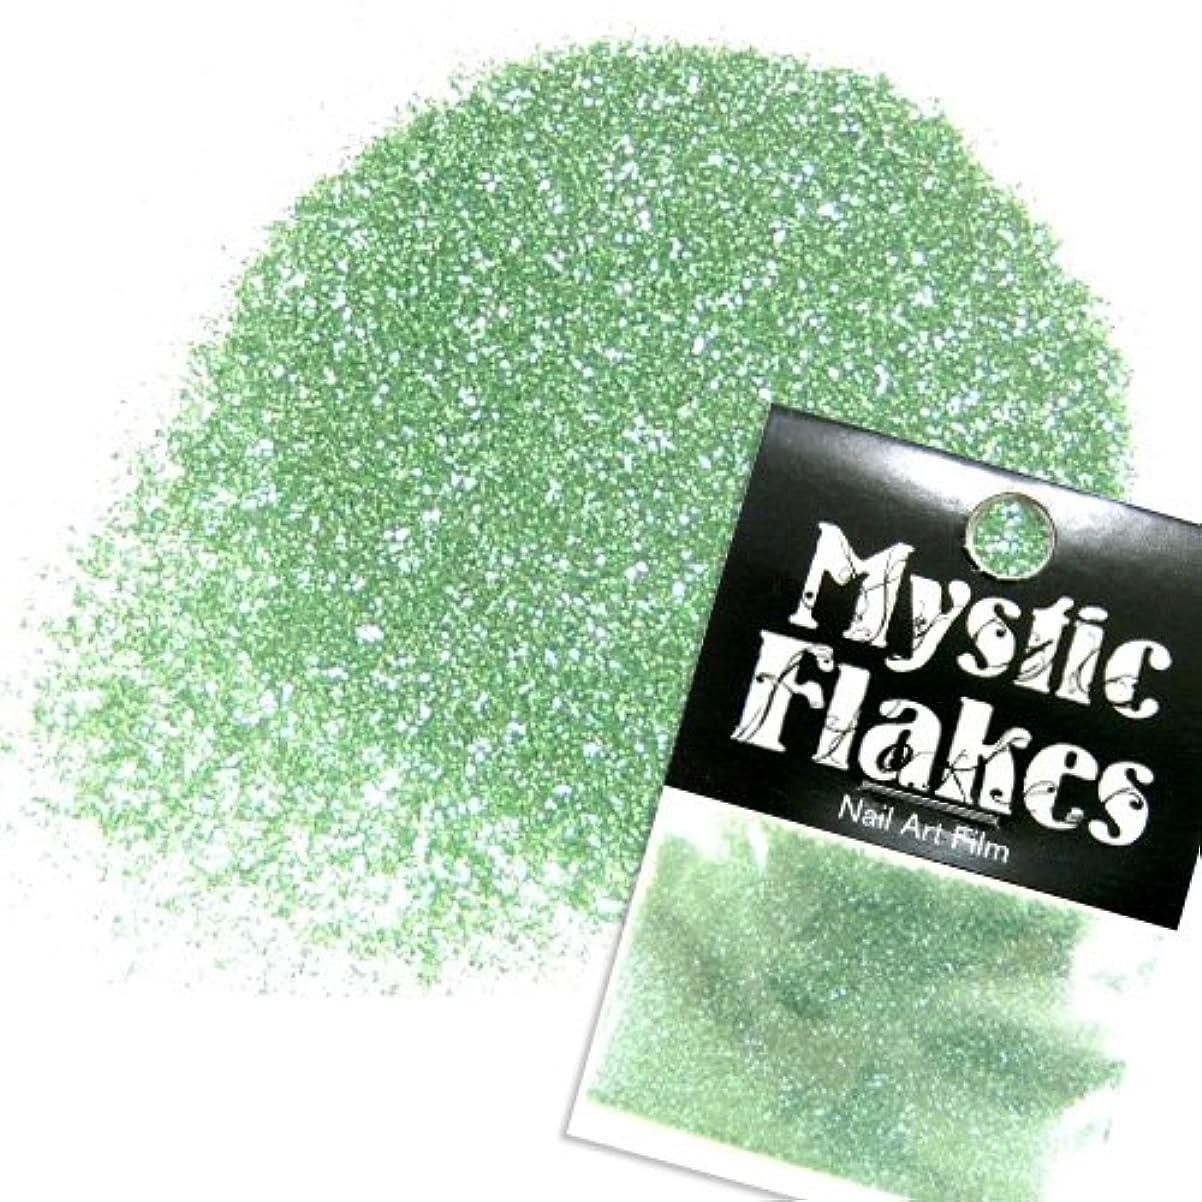 規範咲く収穫ミスティックフレース ネイル用ストーン メタリックLtグリーン ラメシャイン 0.5g